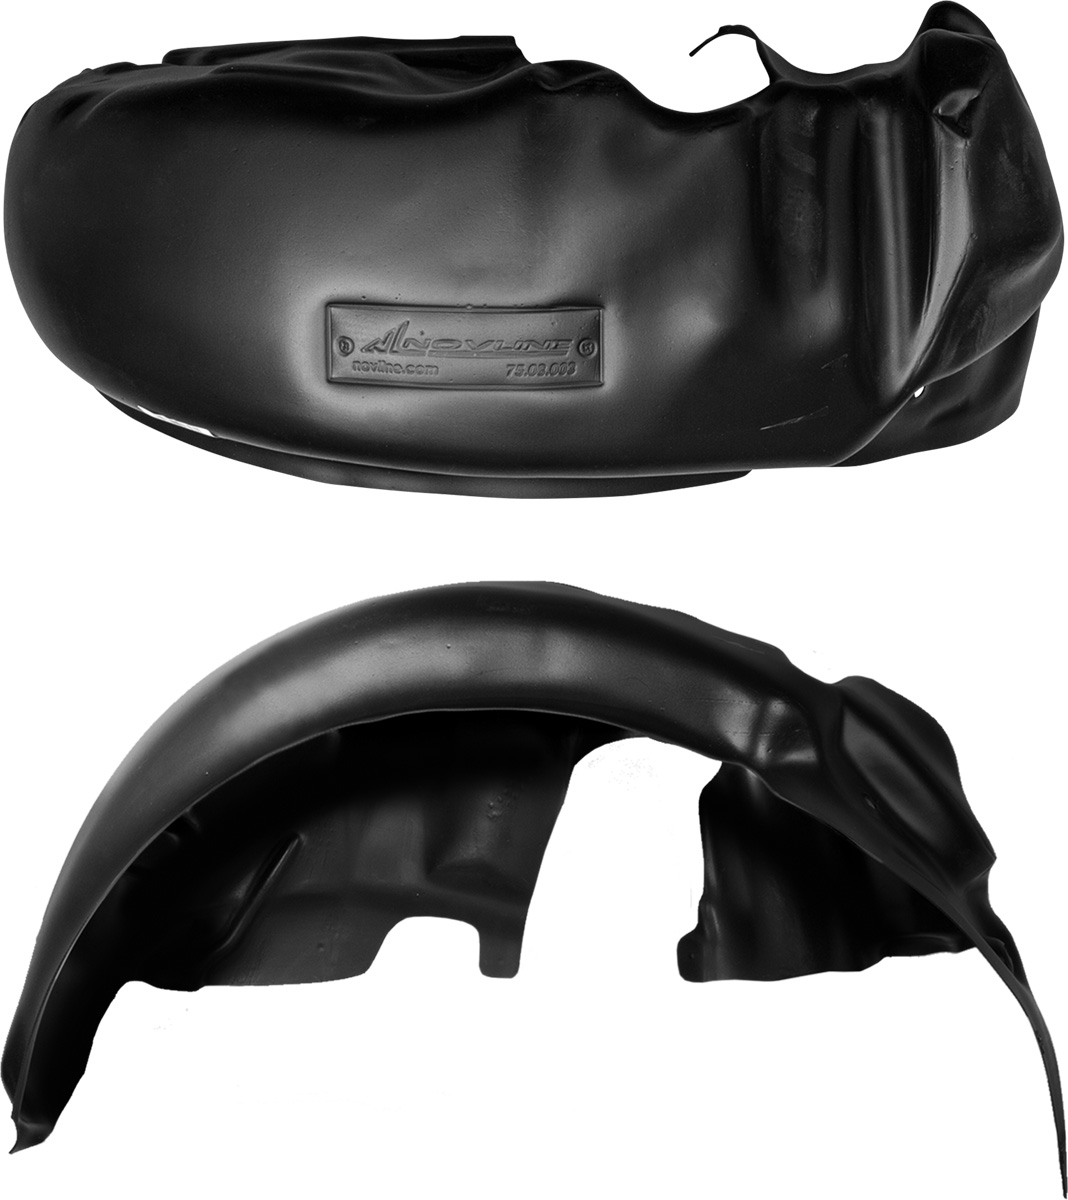 Подкрылок Novline-Autofamily, для RENAULT Duster 4x4, 2011-2015, задний правый240000Колесные ниши - одни из самых уязвимых зон днища вашего автомобиля. Они постоянно подвергаются воздействию со стороны дороги. Лучшая, почти абсолютная защита для них - специально отформованные пластиковые кожухи, которые называются подкрылками. Производятся они как для отечественных моделей автомобилей, так и для иномарок. Подкрылки Novline-Autofamily выполнены из высококачественного, экологически чистого пластика. Обеспечивают надежную защиту кузова автомобиля от пескоструйного эффекта и негативного влияния, агрессивных антигололедных реагентов. Пластик обладает более низкой теплопроводностью, чем металл, поэтому в зимний период эксплуатации использование пластиковых подкрылков позволяет лучше защитить колесные ниши от налипания снега и образования наледи. Оригинальность конструкции подчеркивает элегантность автомобиля, бережно защищает нанесенное на днище кузова антикоррозийное покрытие и позволяет осуществить крепление подкрылков внутри колесной арки практически без дополнительного крепежа и сверления, не нарушая при этом лакокрасочного покрытия, что предотвращает возникновение новых очагов коррозии. Подкрылки долговечны, обладают высокой прочностью и сохраняют заданную форму, а также все свои физико-механические характеристики в самых тяжелых климатических условиях (от -50°С до +50°С).Уважаемые клиенты!Обращаем ваше внимание, на тот факт, что подкрылок имеет форму, соответствующую модели данного автомобиля. Фото служит для визуального восприятия товара.